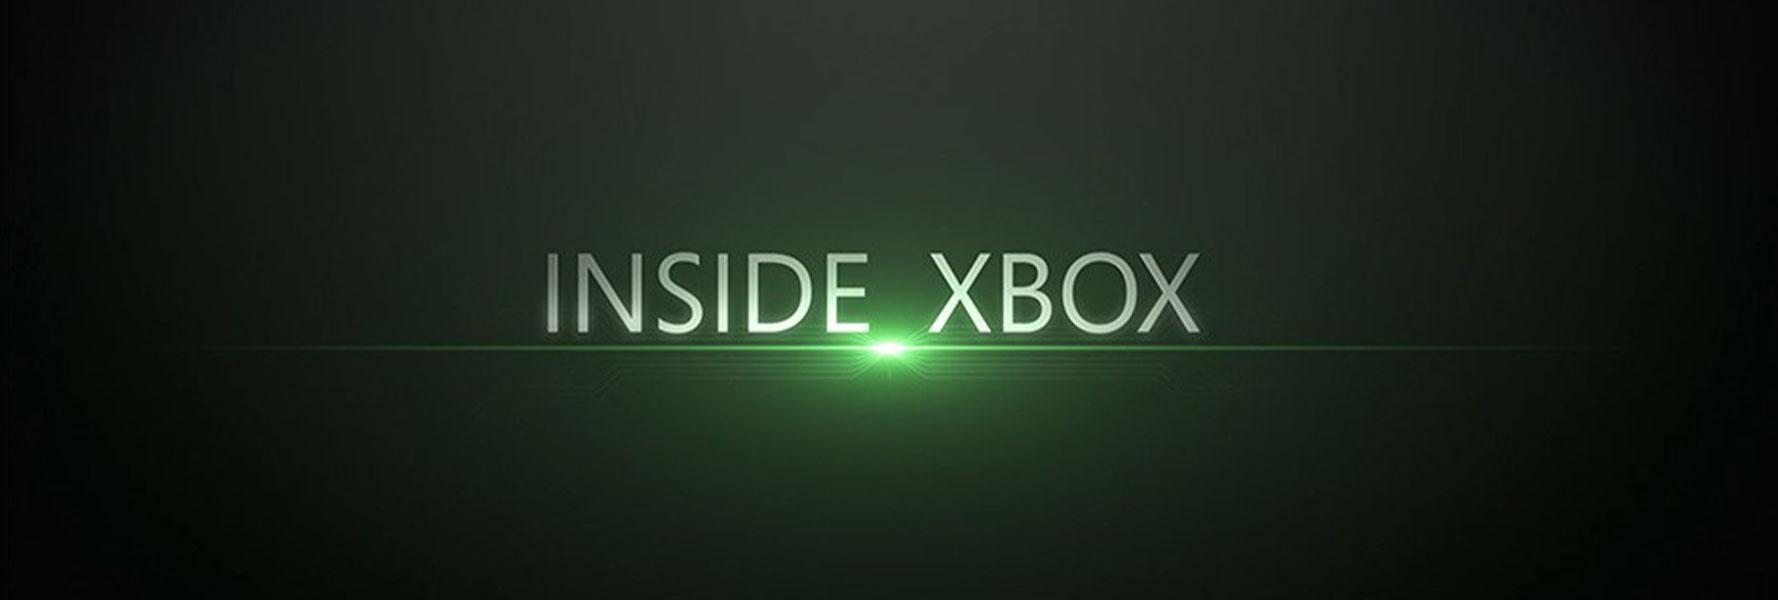 Das Inside Xbox-Logo umgeben von einem hellgrünen Haloeffekt